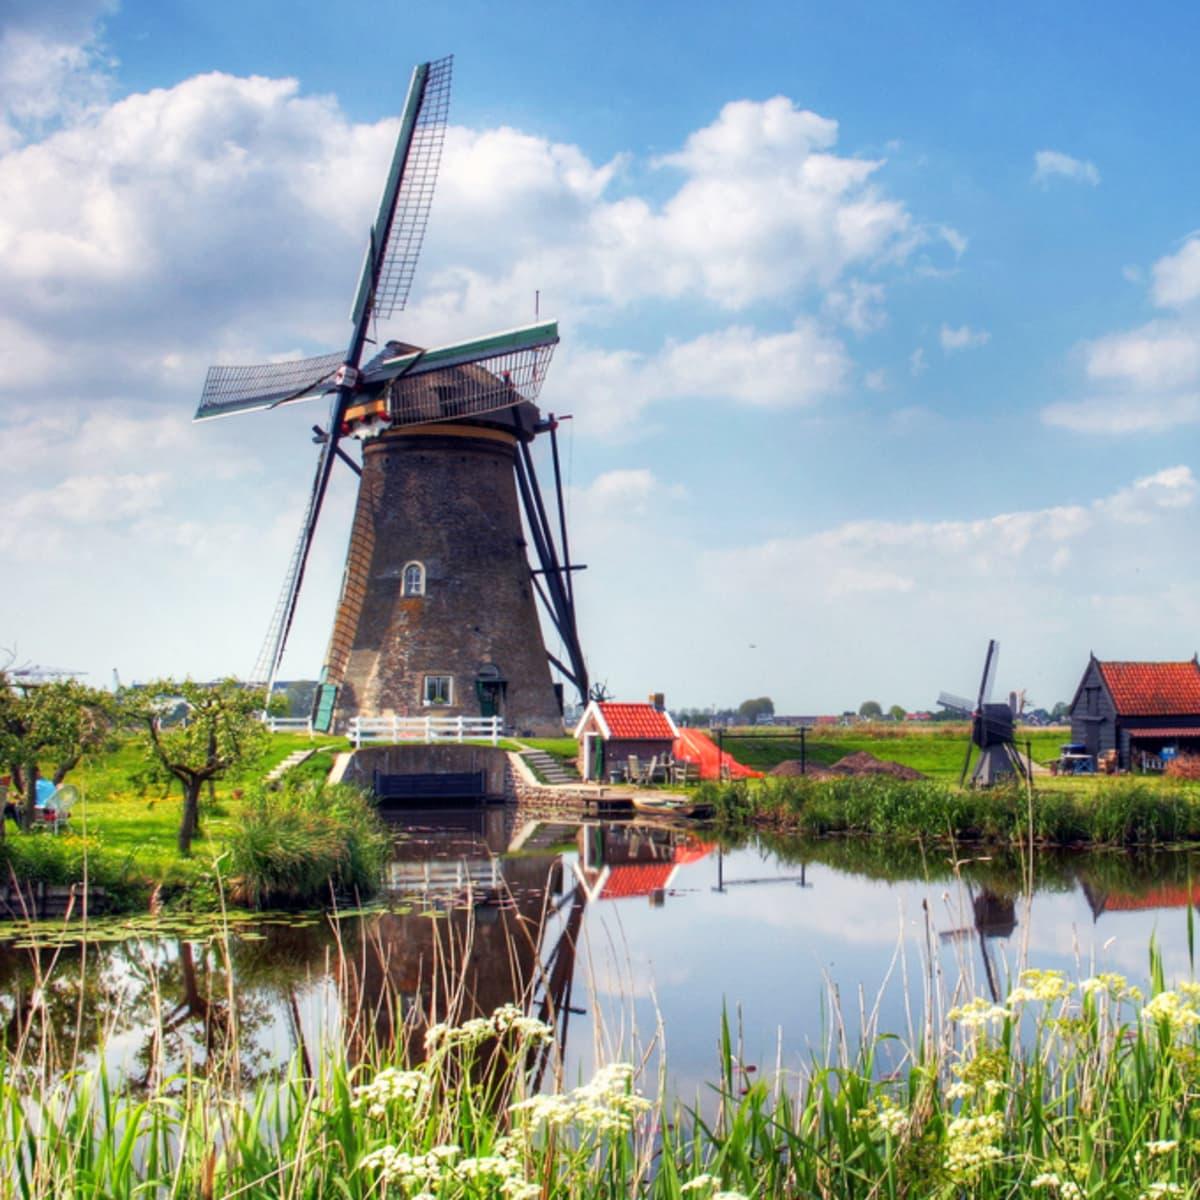 zaanse schans windmills u0026 photography tour photo tour in amsterdam